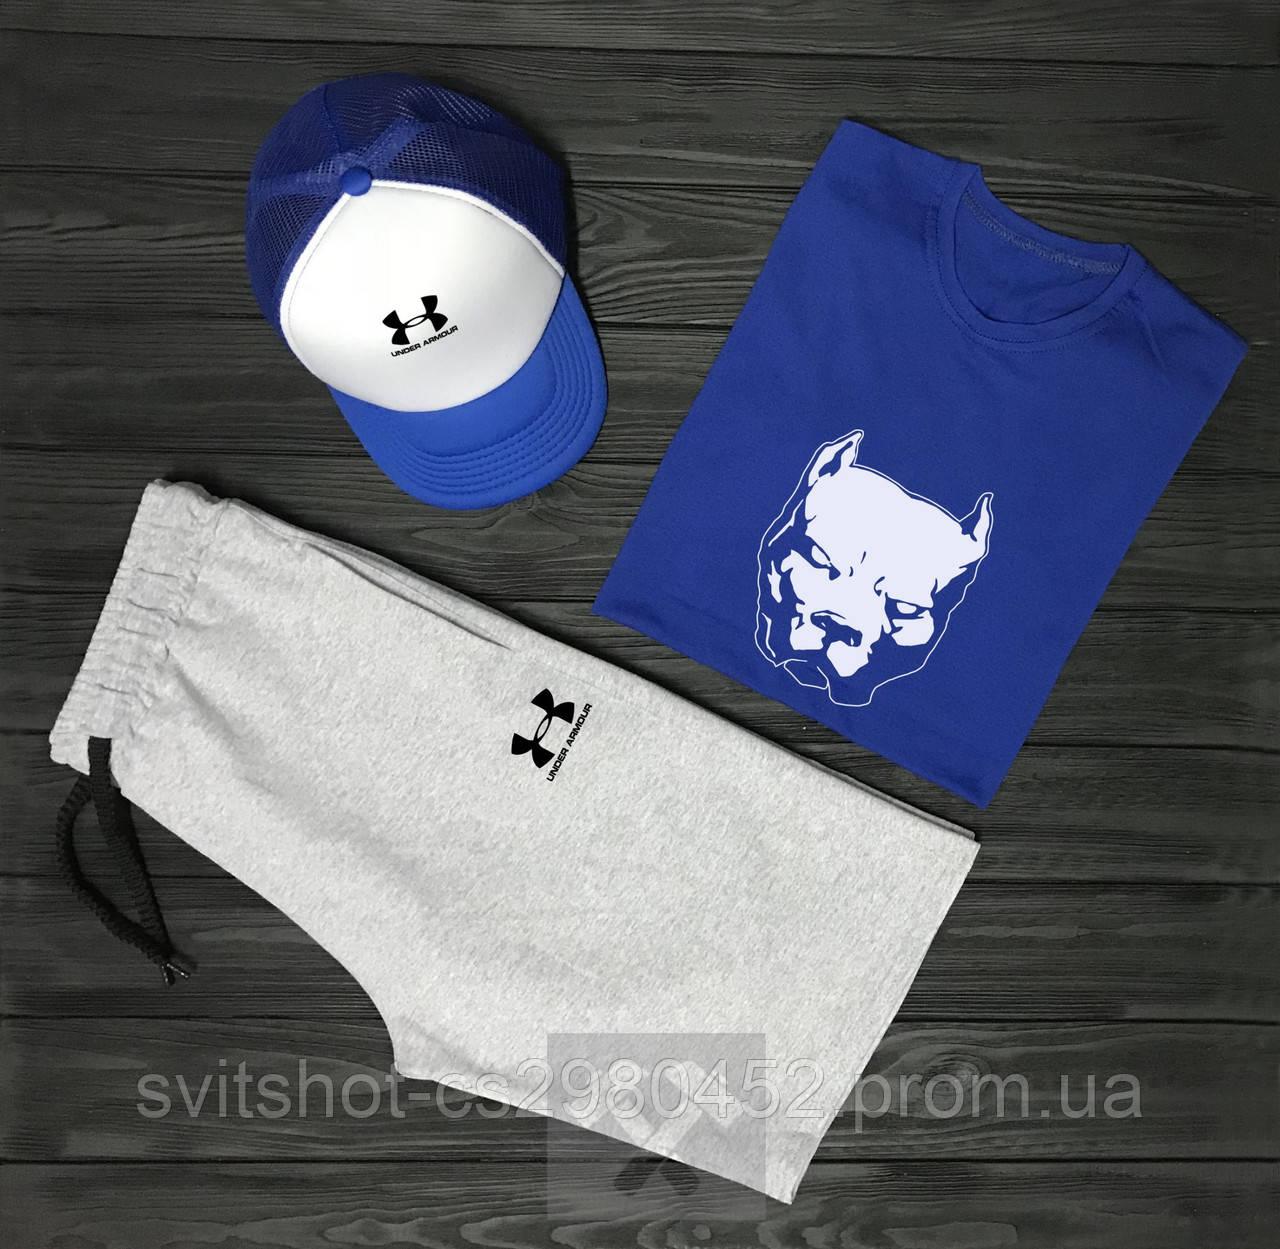 Комплект Pitbull+Under Armour  (шорты+футболка+кепка)